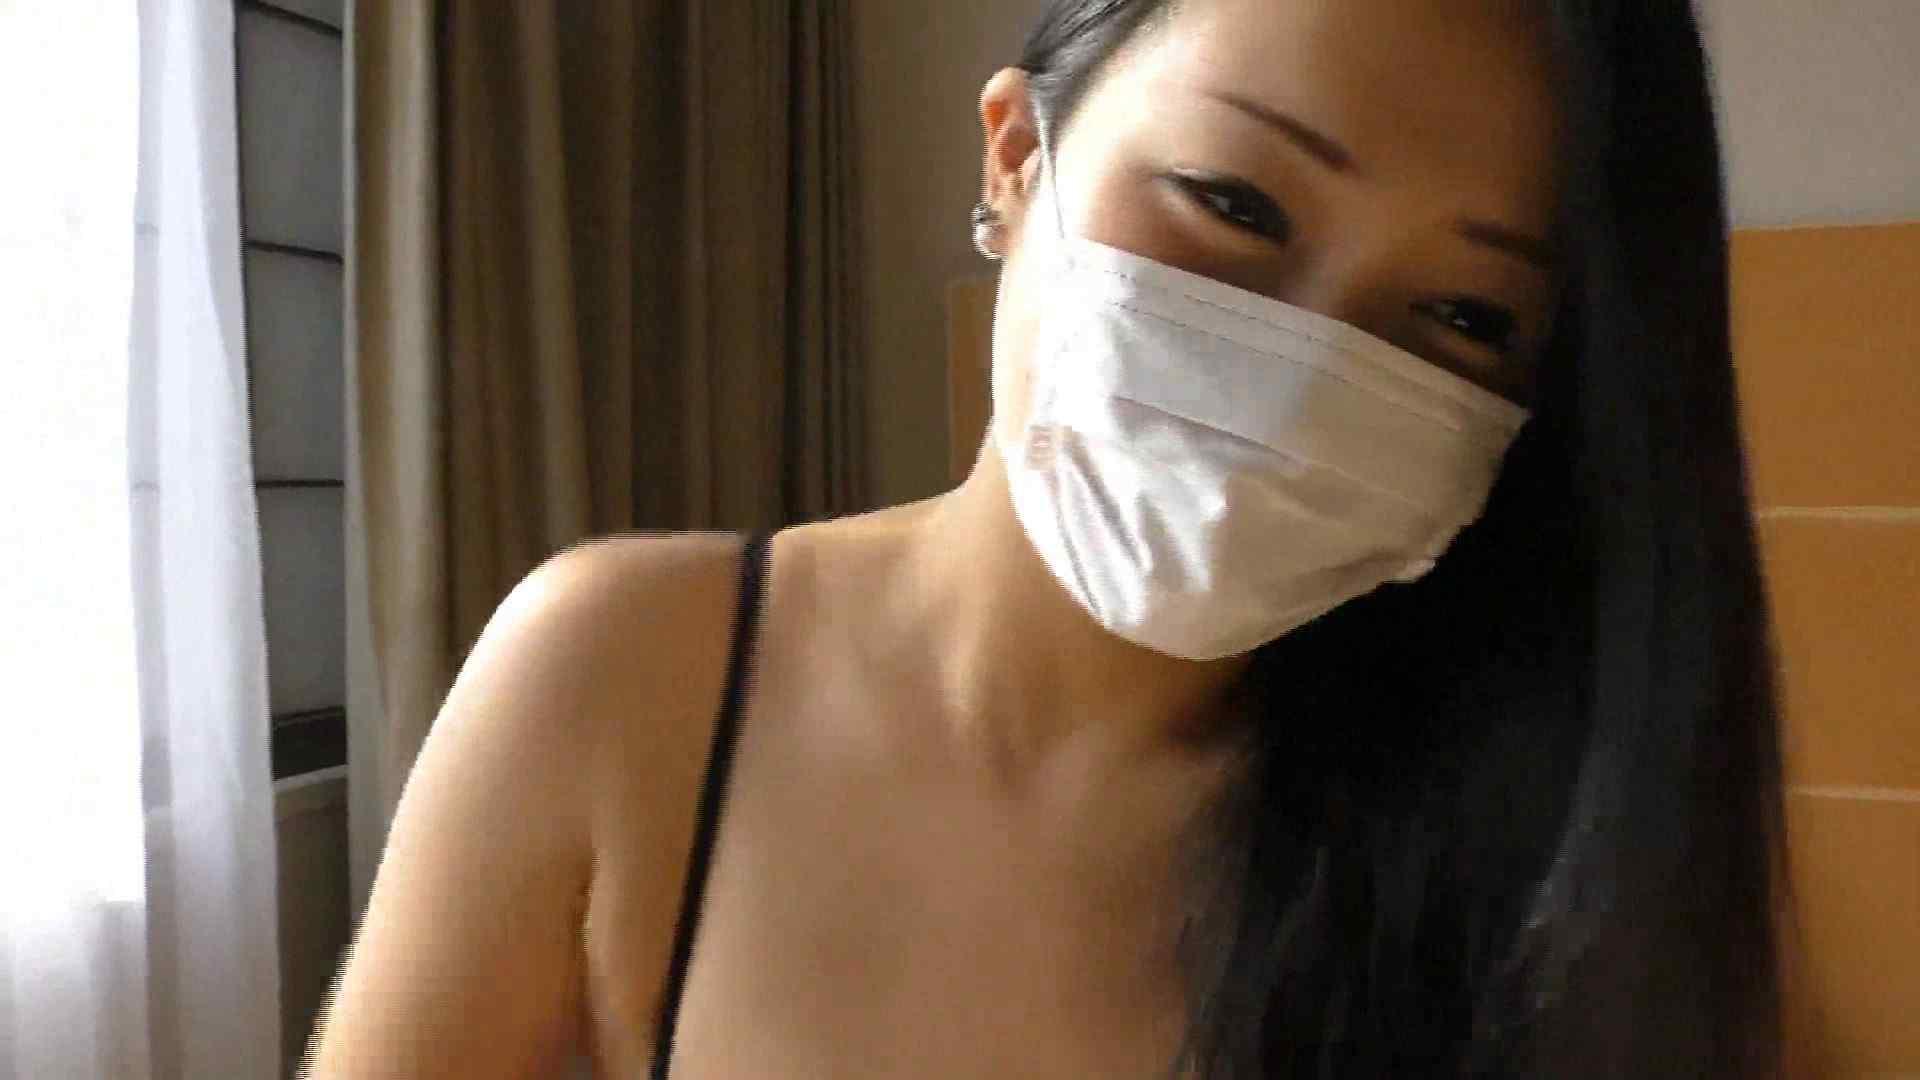 素人S級美女特選!小悪魔ギャル噂のビッチガールVol.22 流出作品 われめAV動画紹介 55pic 9